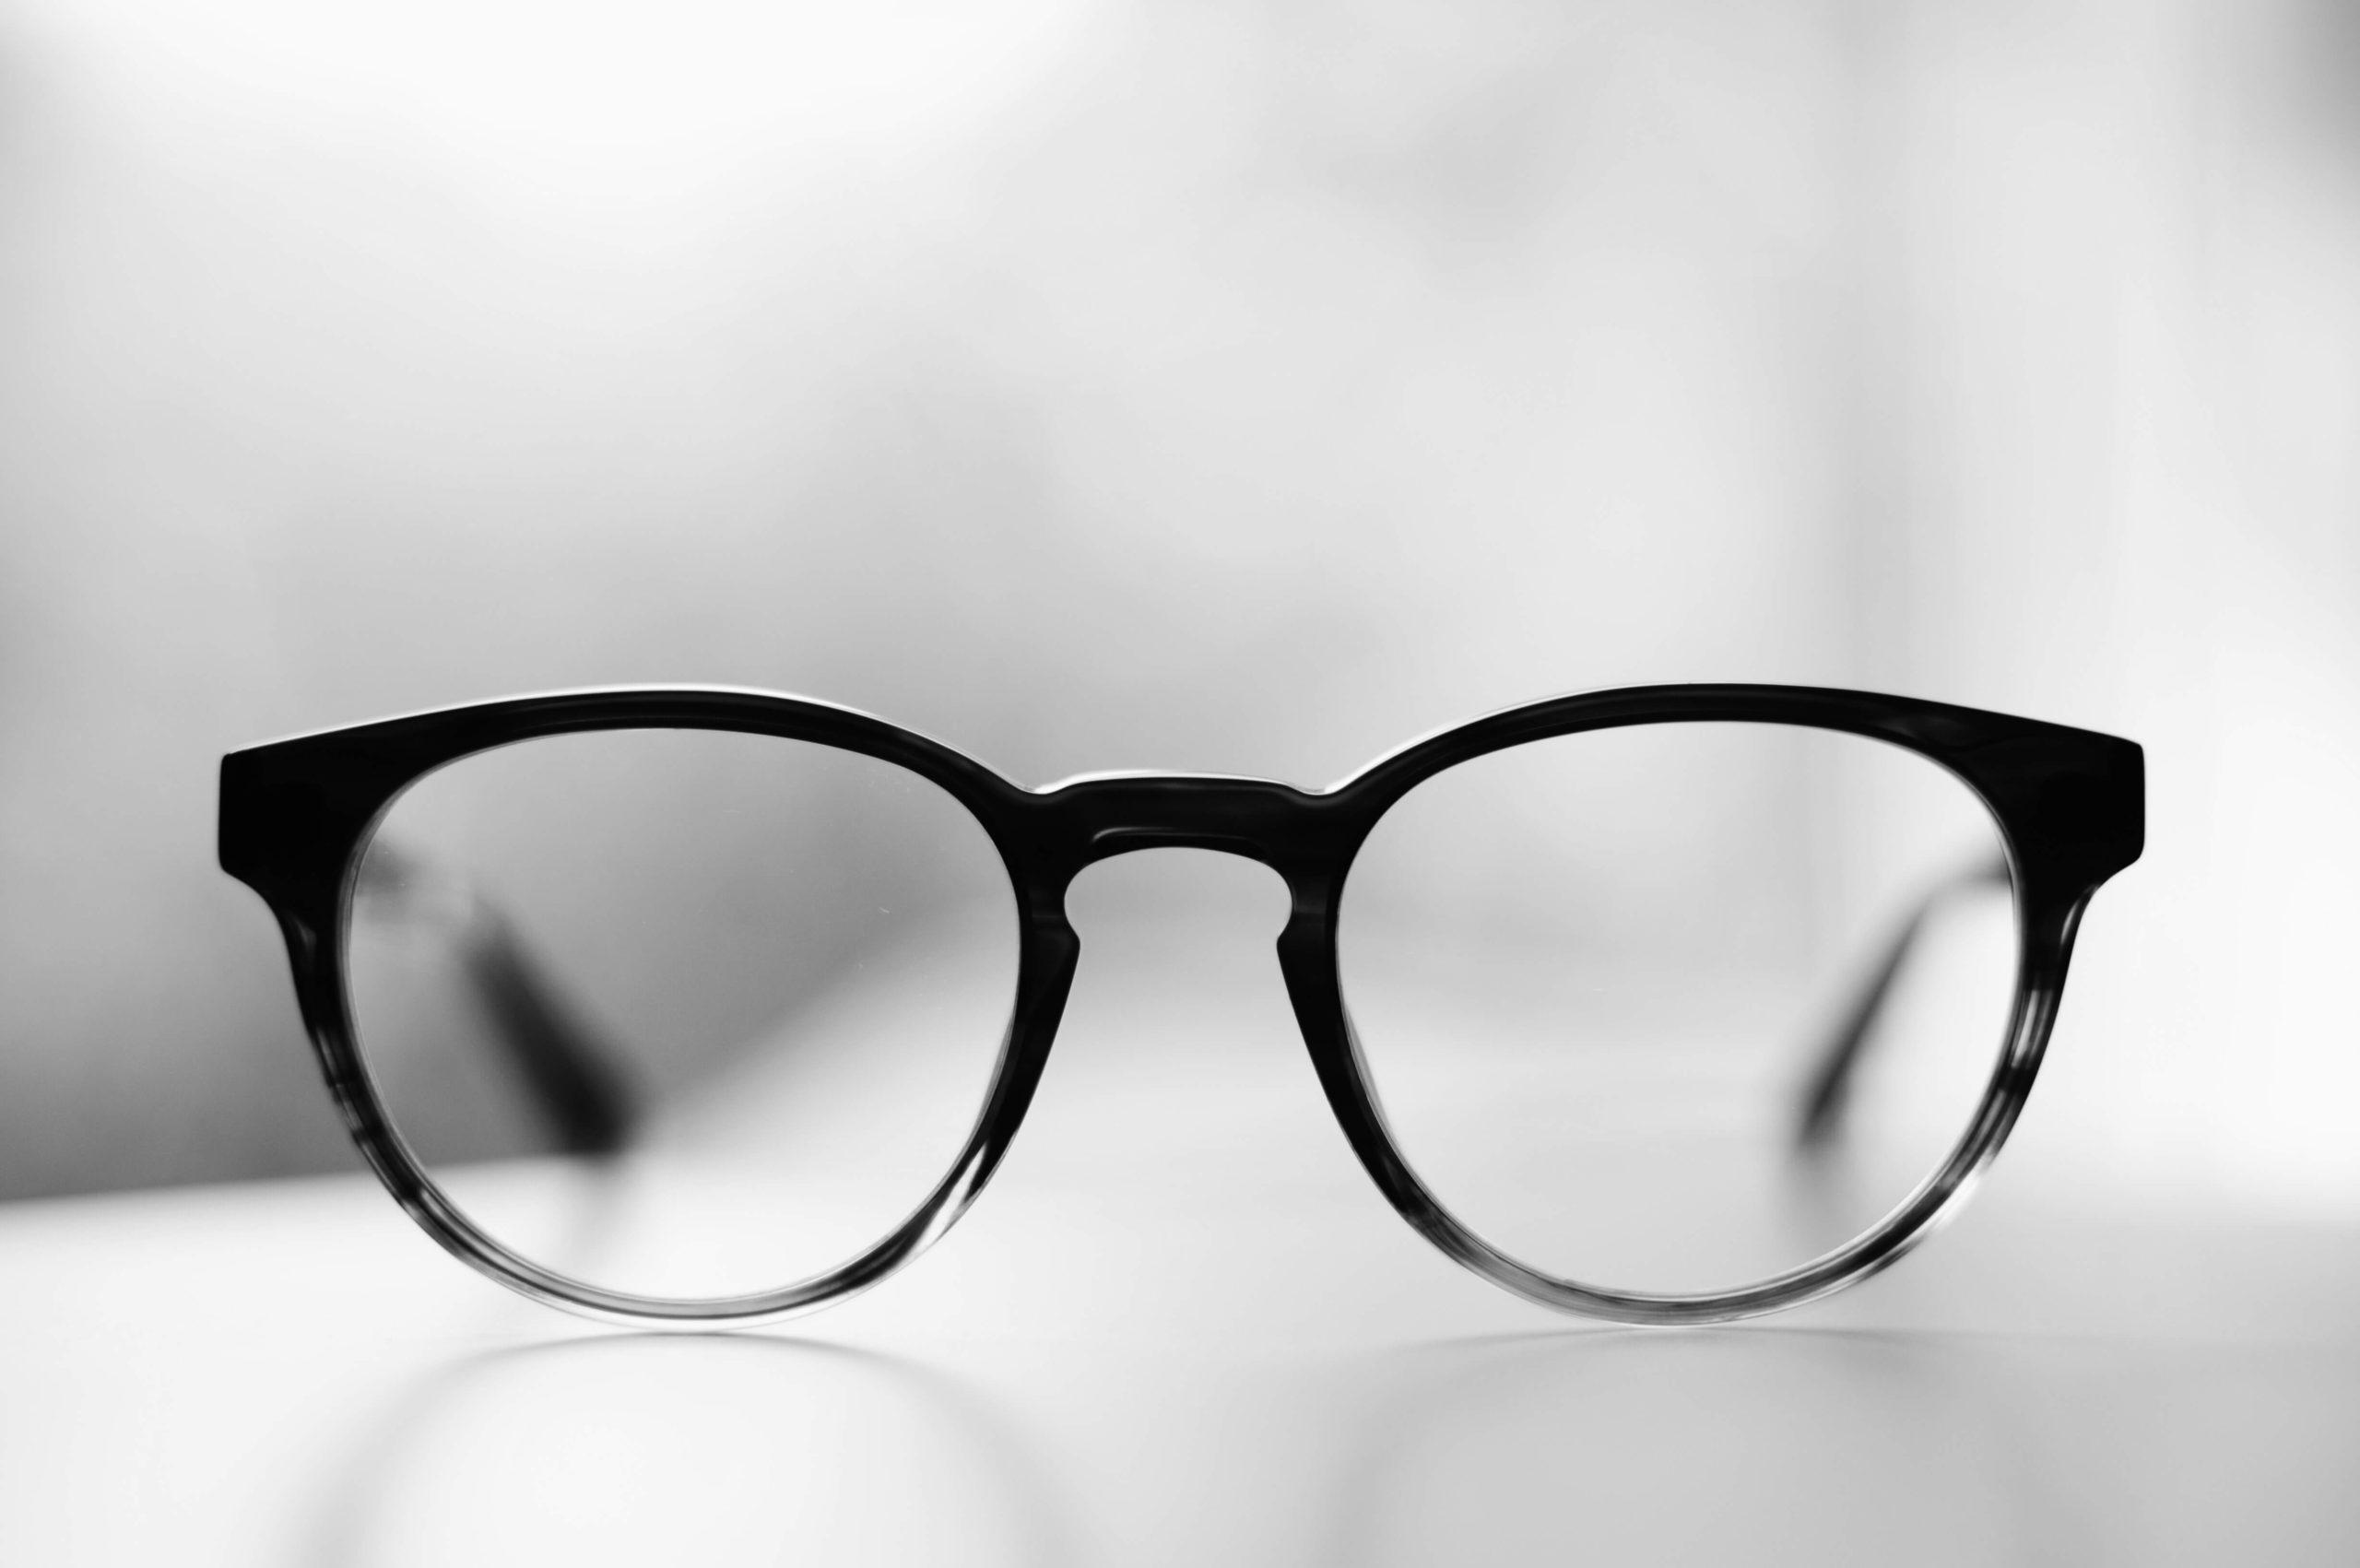 【フレンチカジュアルアイテム】丸メガネの着こなし